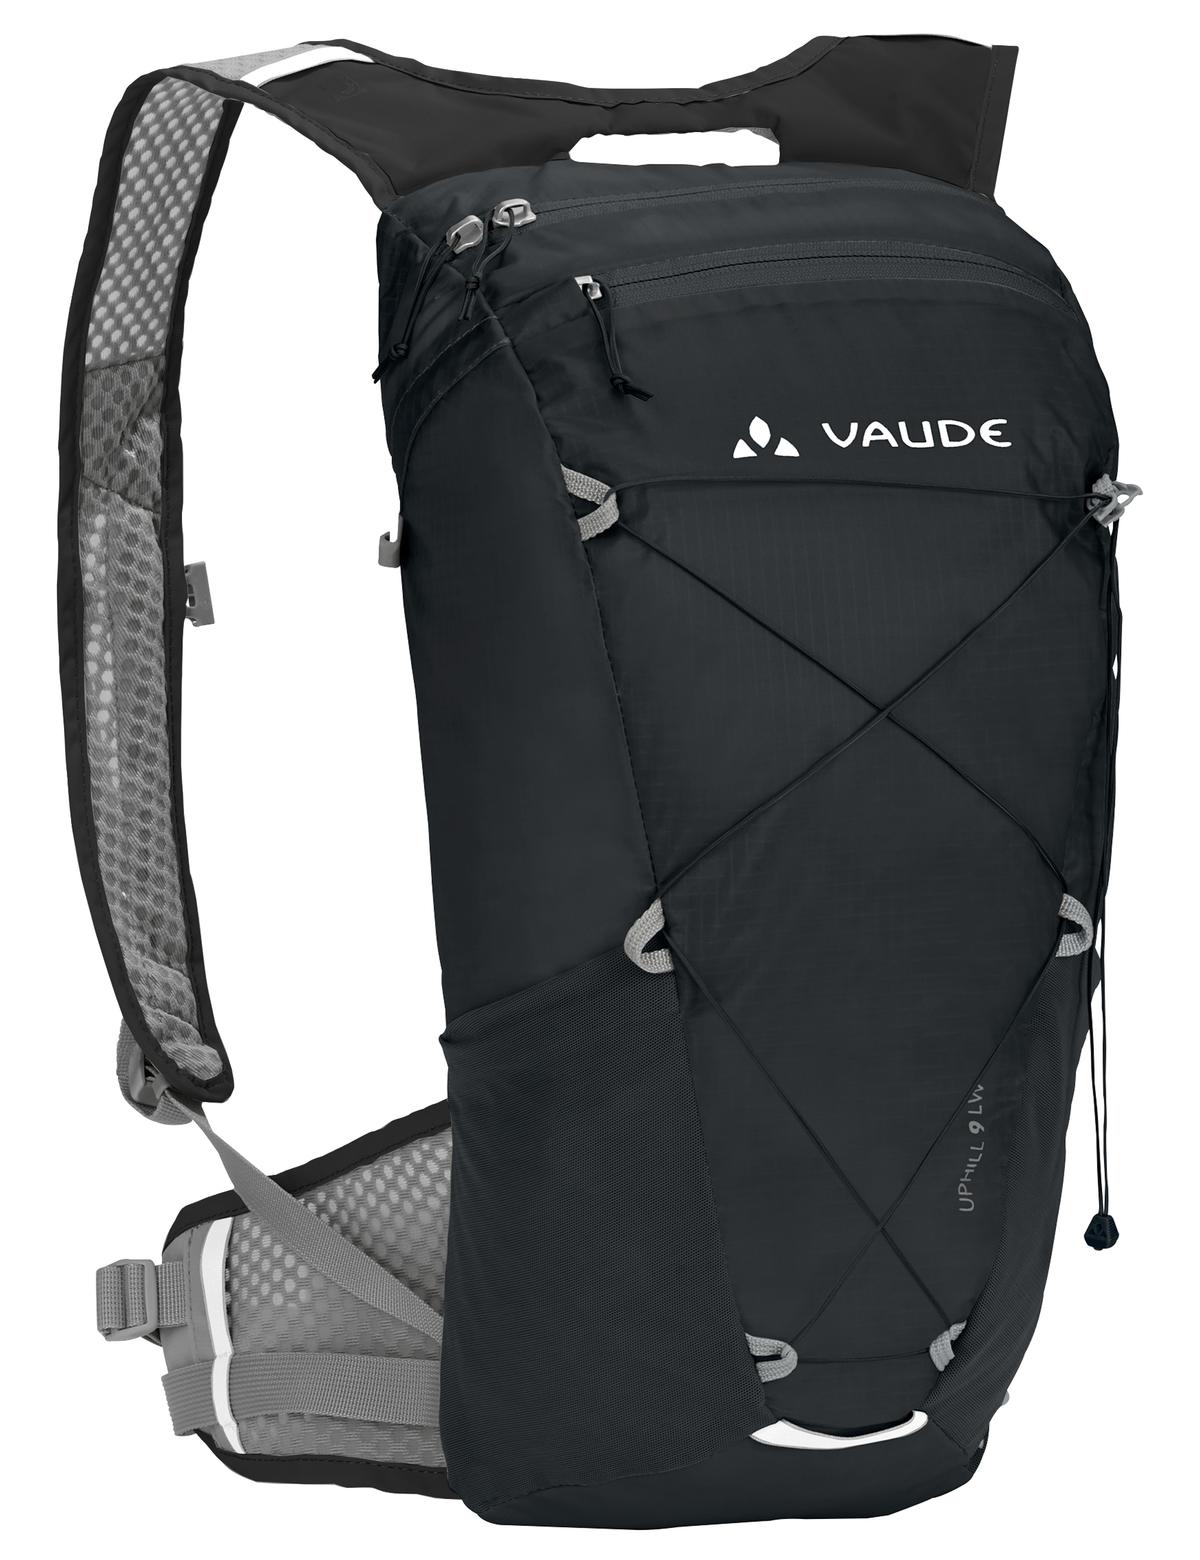 VAUDE Uphill 9 LW black  - schneider-sports